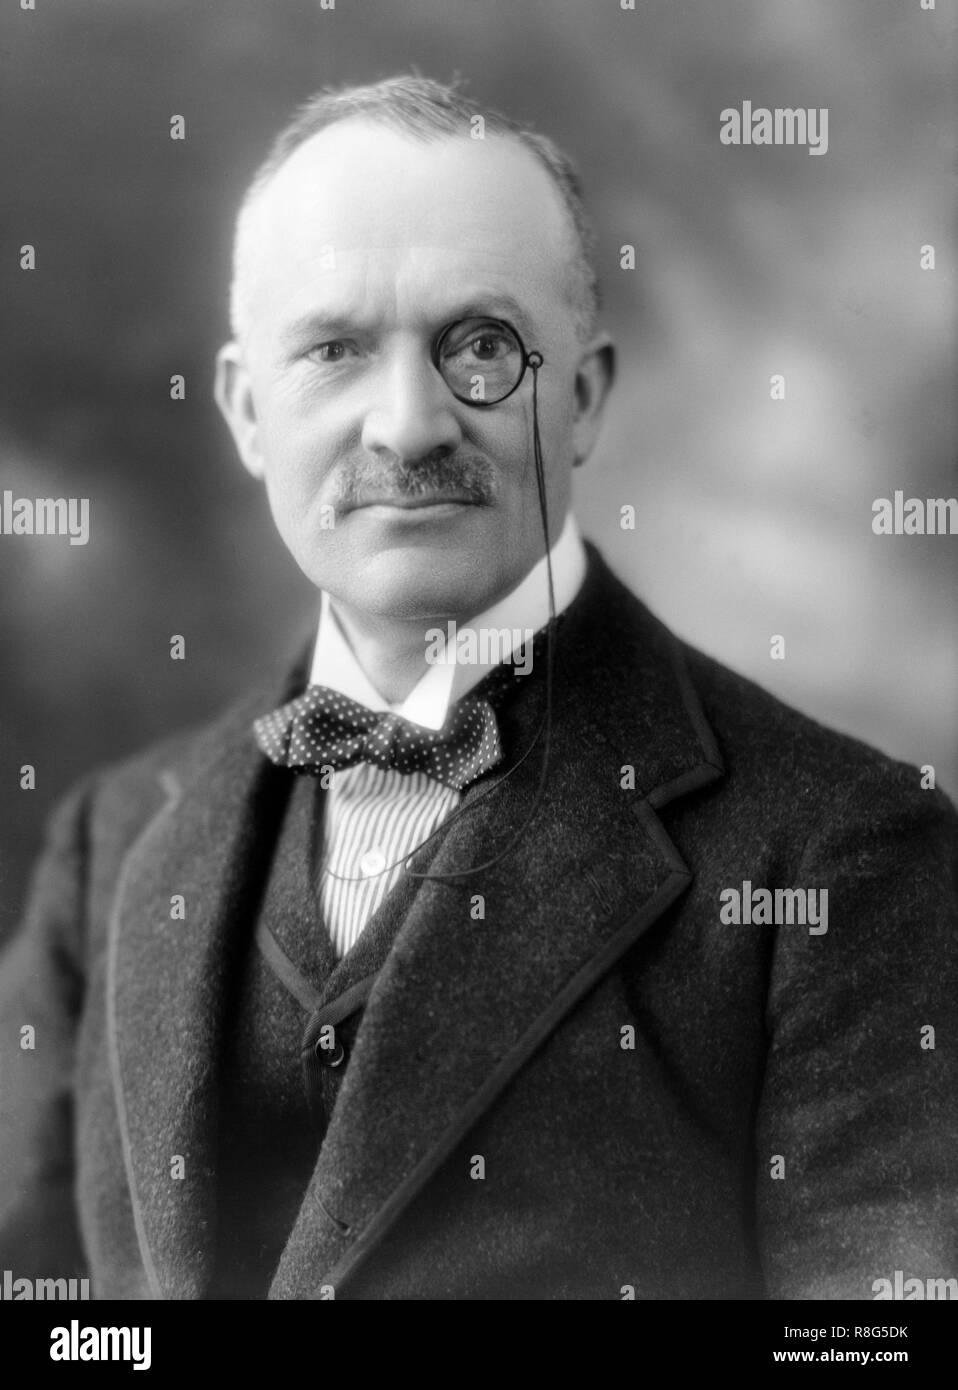 Maggiore Leonard Greenham Star Molloy DSO (1861-1937) era un medico britannico e del politico nato a Naas County Kildare, Irlanda.Fu commissionato chirurgo luogotenente del Duca di Lancaster la propria Yeomanry nel 1901, e fu nominato tenente quando egli si è dimesso dalla Commissione come un chirurgo nel luglio 1902. Durante la Seconda Guerra Mondiale ha servito in Francia e in sede spedizioni (due volte) e è stata 2al comando del XXIII Divisione. Principali Molloy è stato premiato con il Distinguished Service Order (DSO) nel 1917. Si ritirò dall'esercito nel 1921. Egli era membro onorario a vita del St John Ambulance Association. Immagini Stock